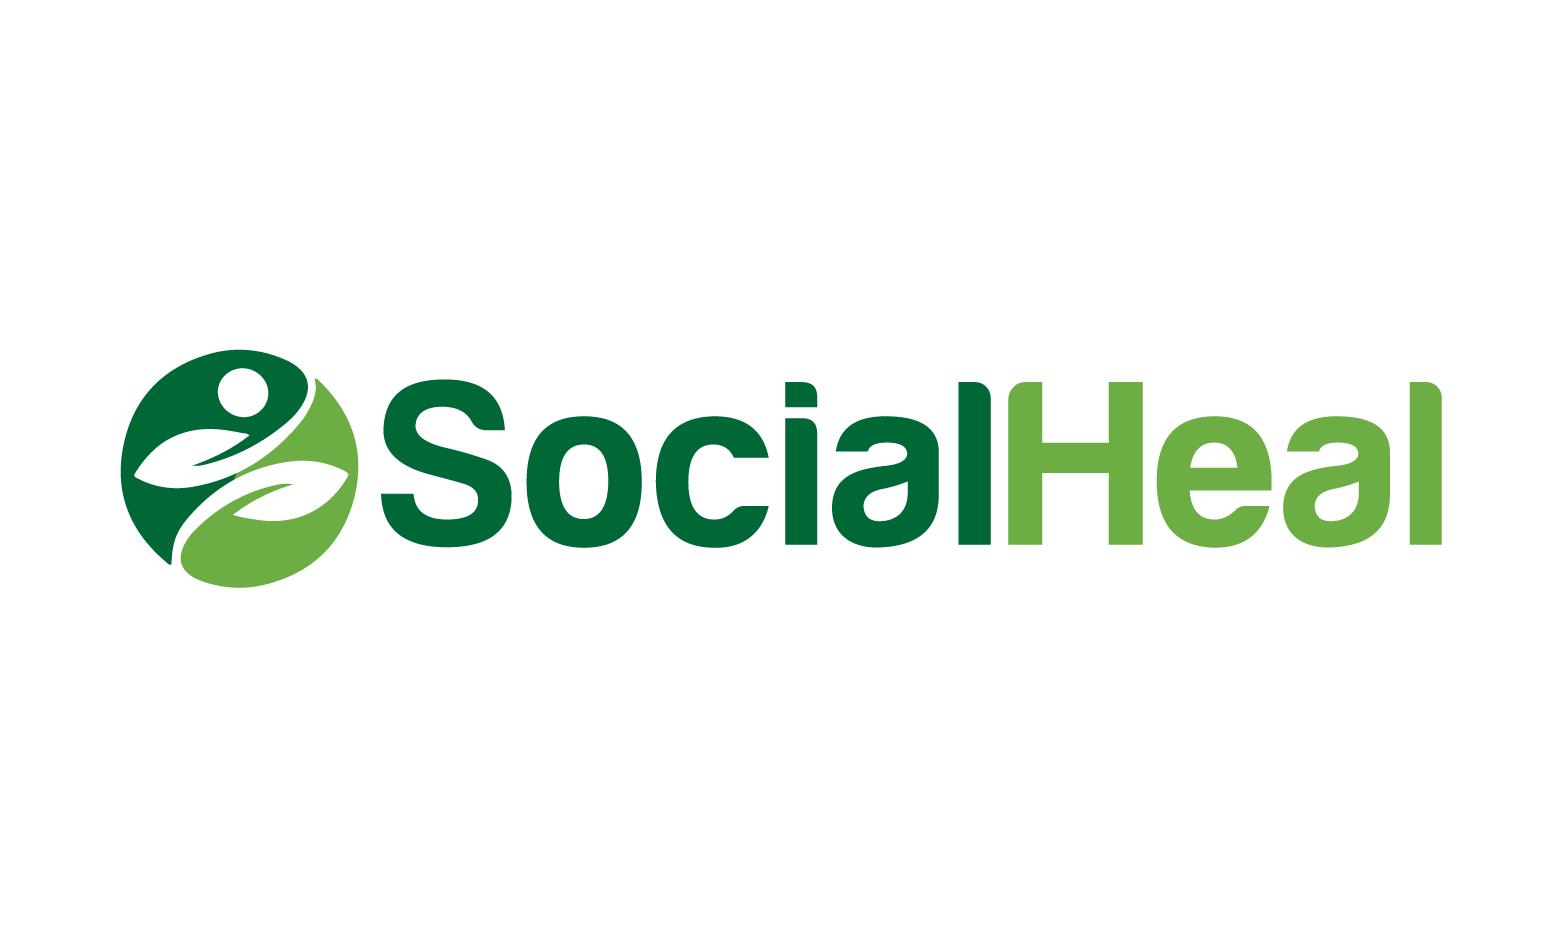 SocialHeal.com